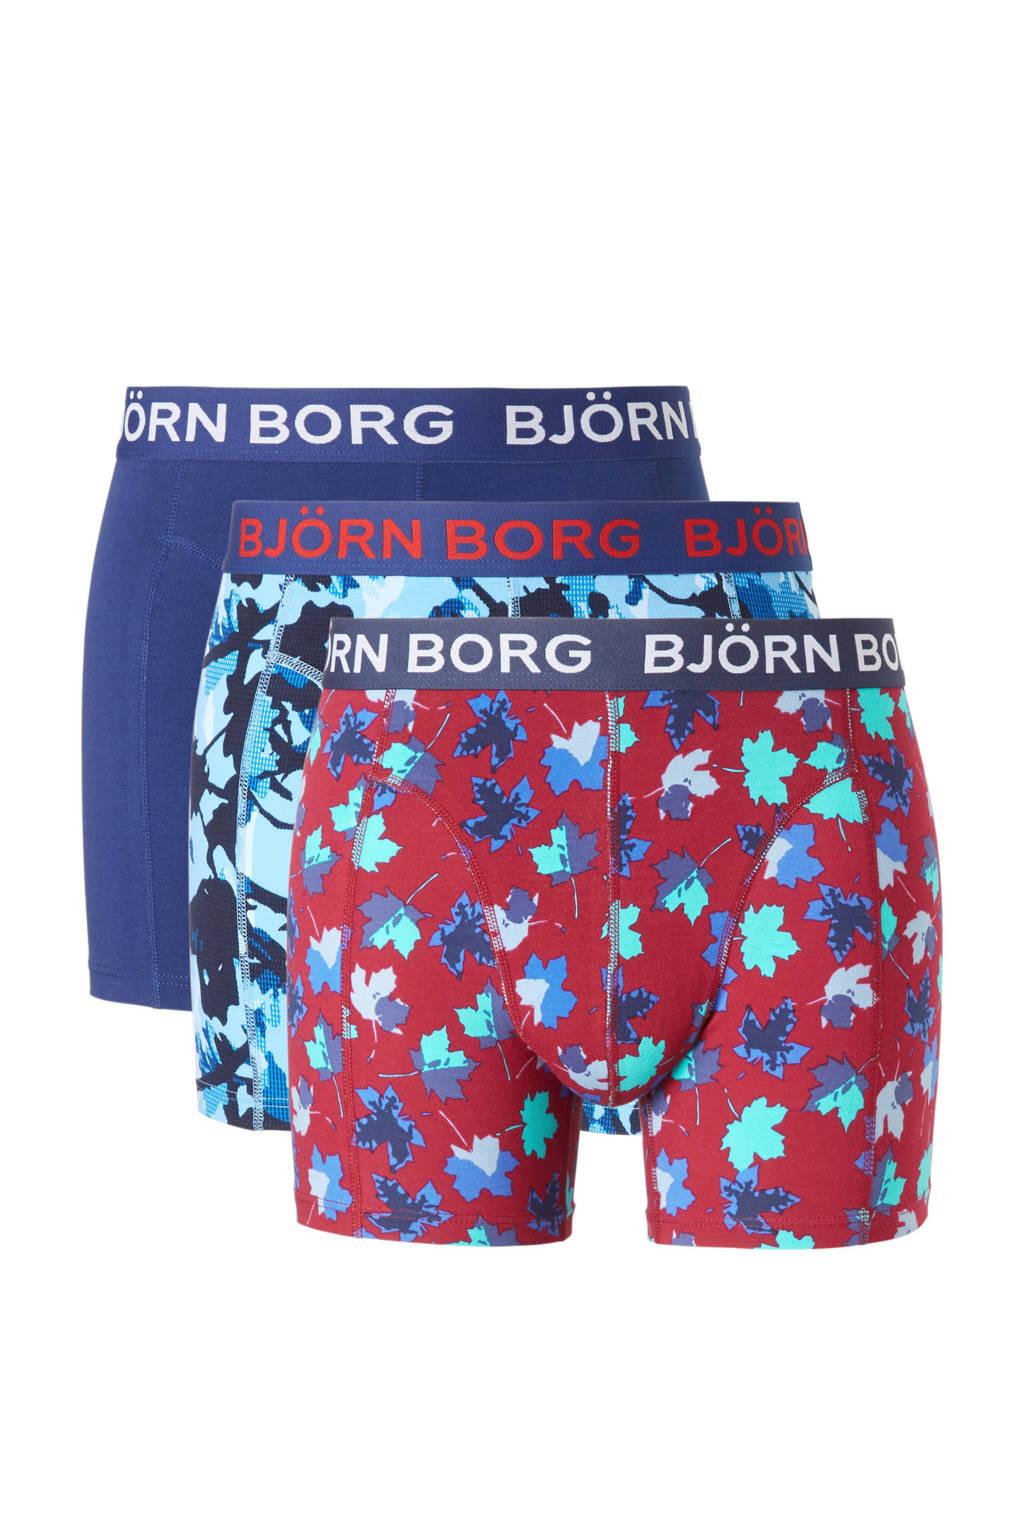 Björn Borg boxershorts (set van 3), Blauw/bordeaux